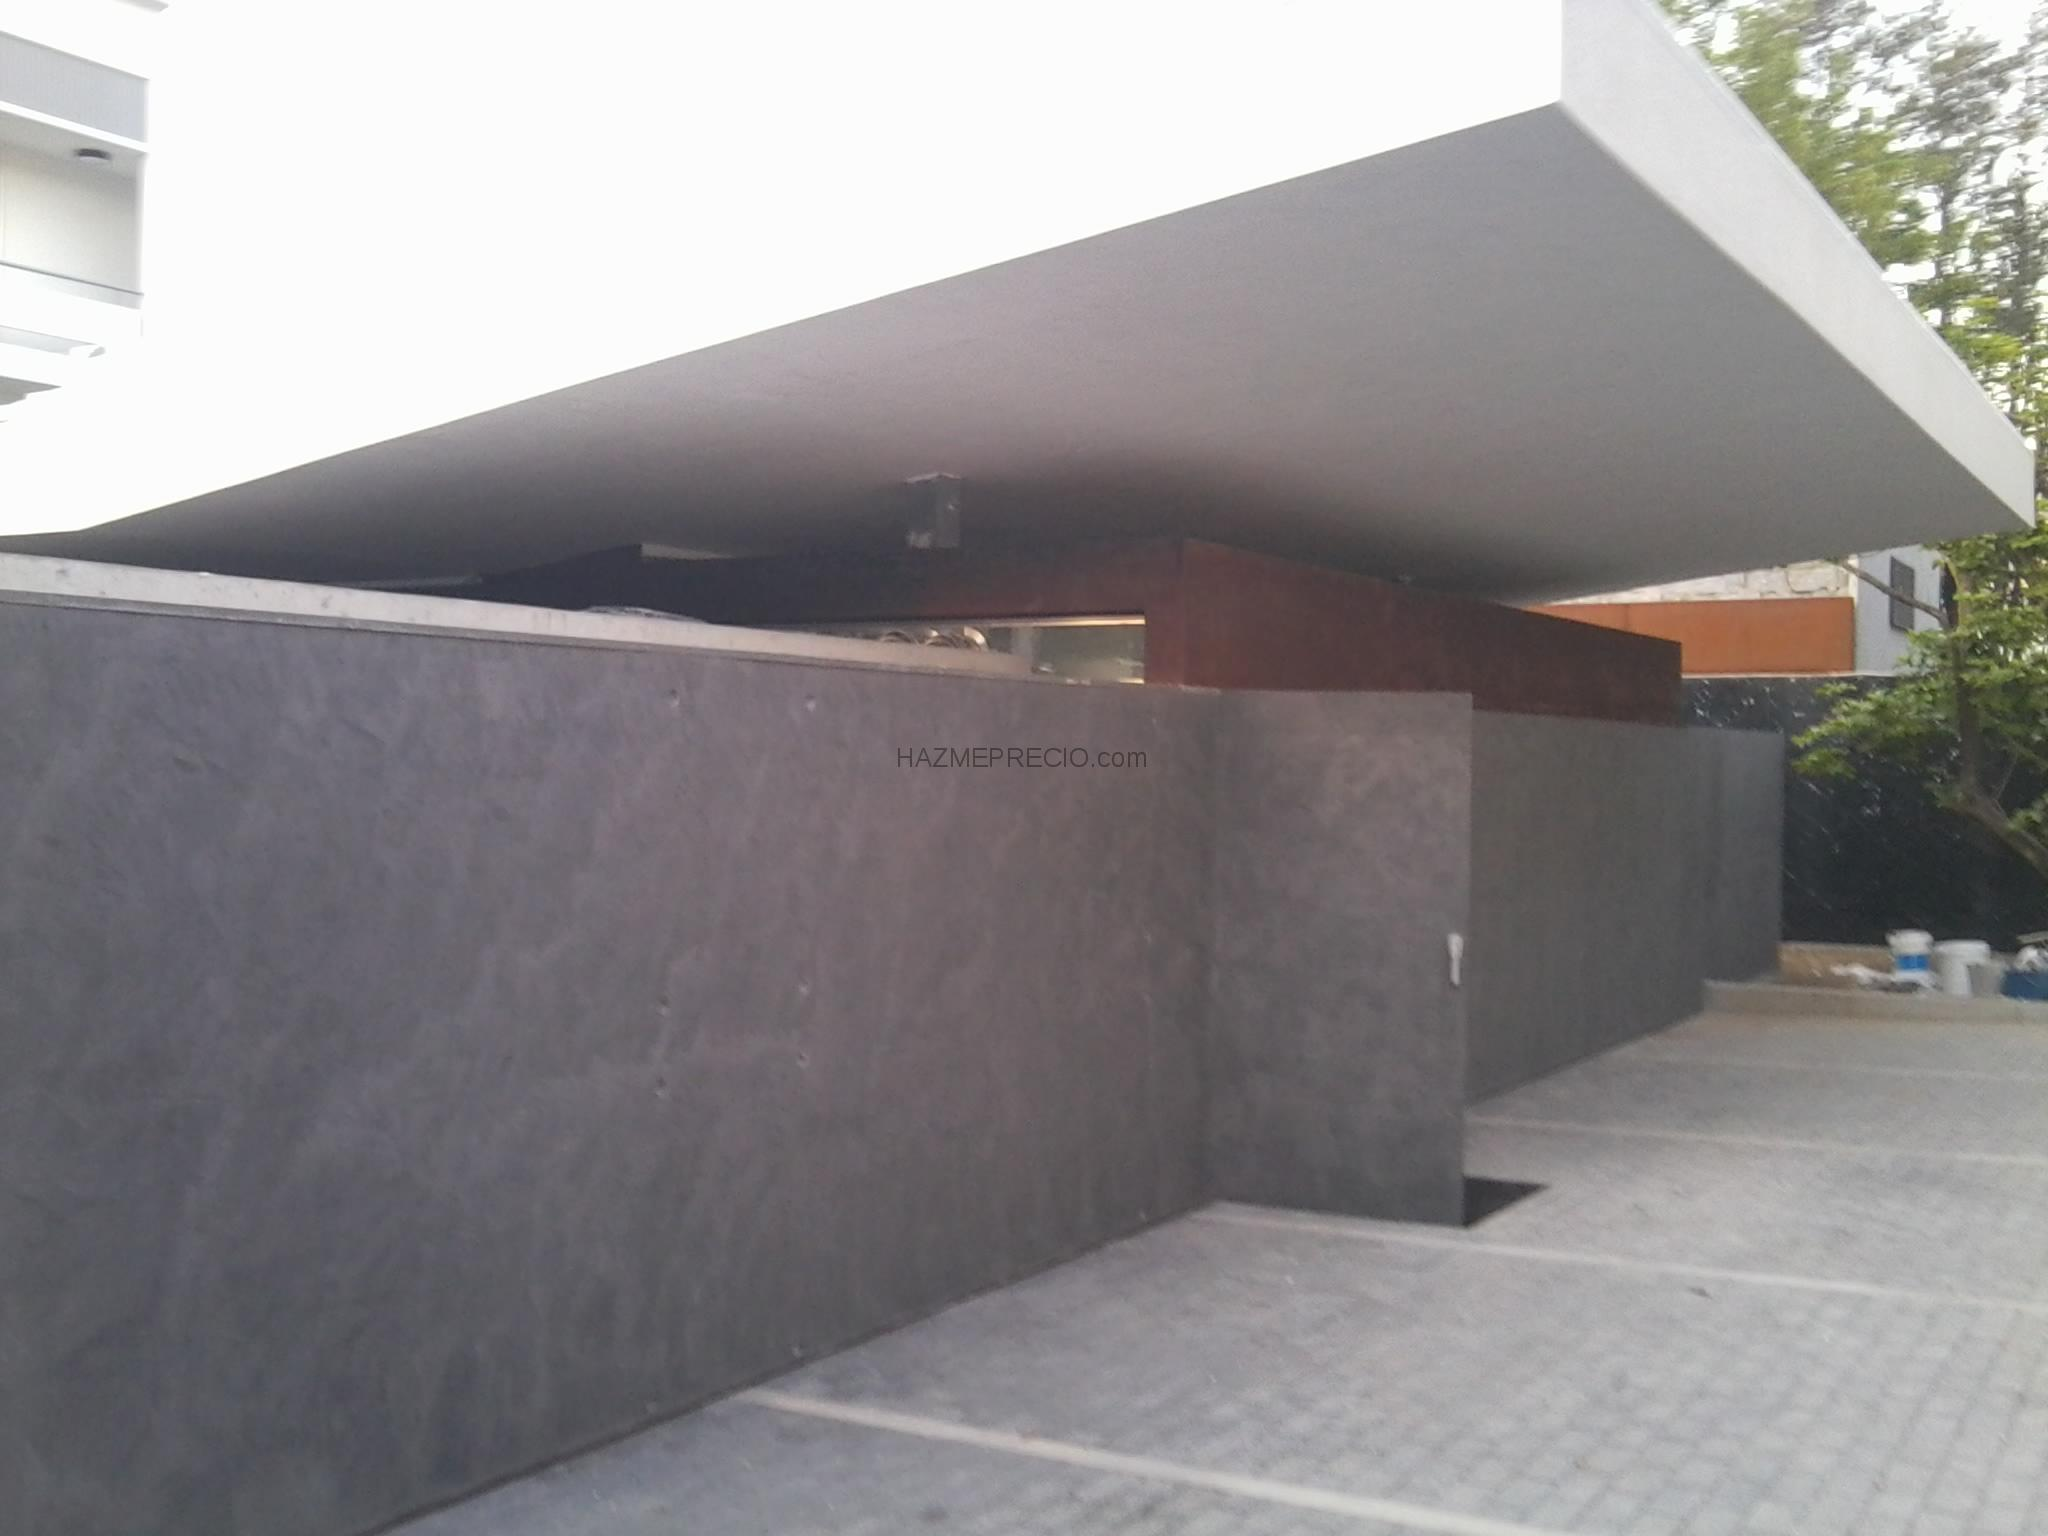 Presupuesto para microcemento fonollosa barcelona - Pavimentos de microcemento ...